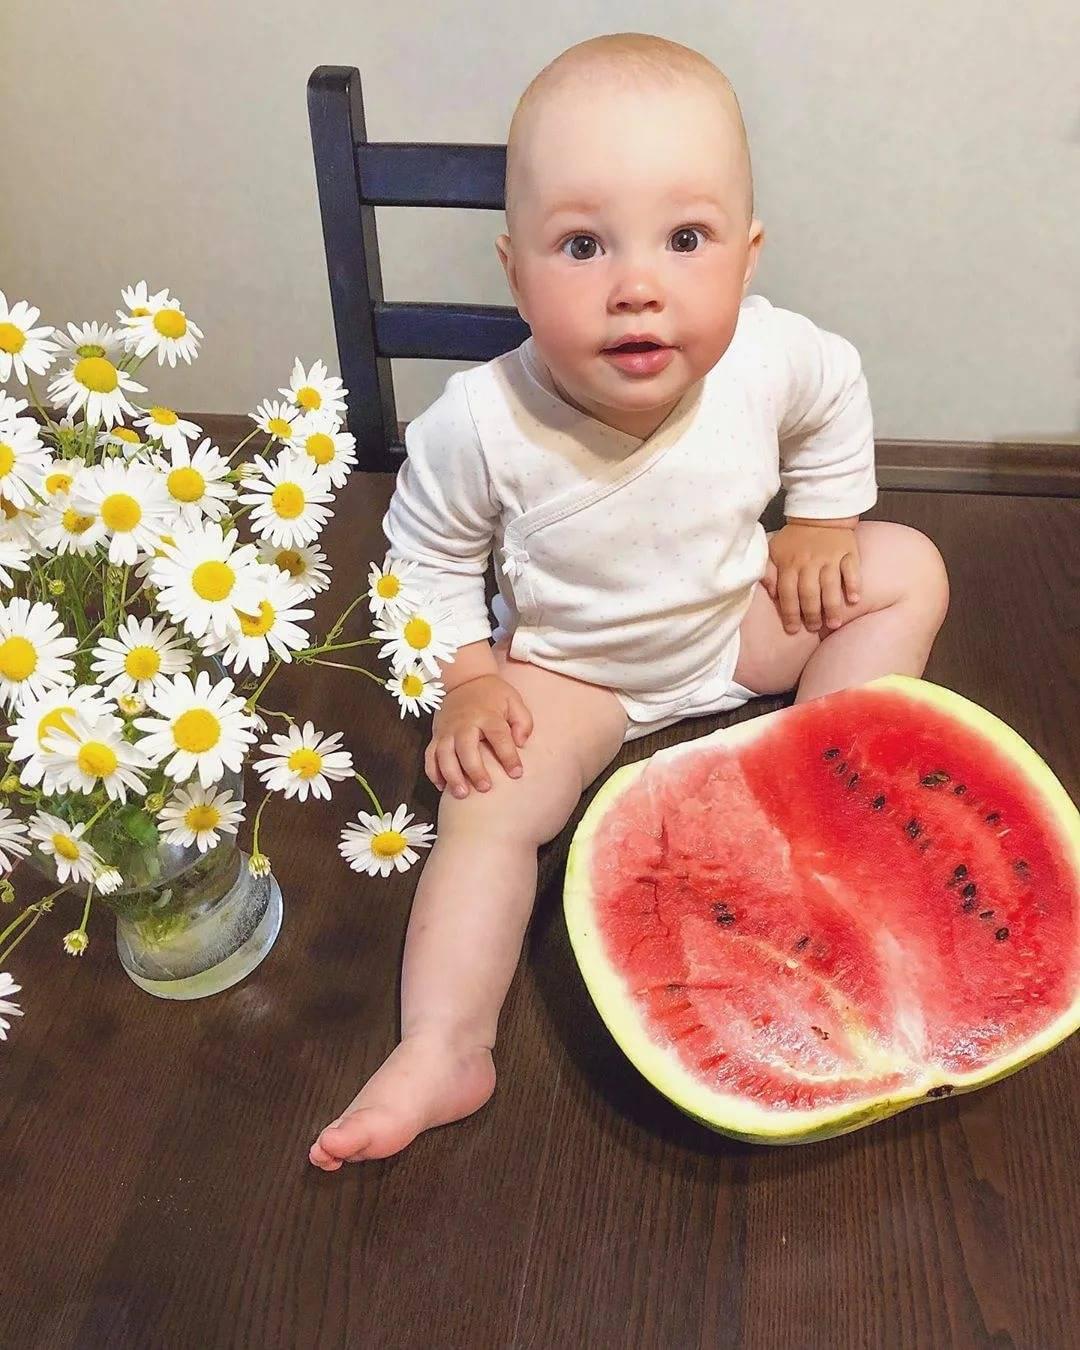 Детский рацион питания: с какого возраста можно давать ребёнку арбуз? можно ли давать арбуз ребёнку до года – мнения педиатров - автор екатерина данилова - журнал женское мнение